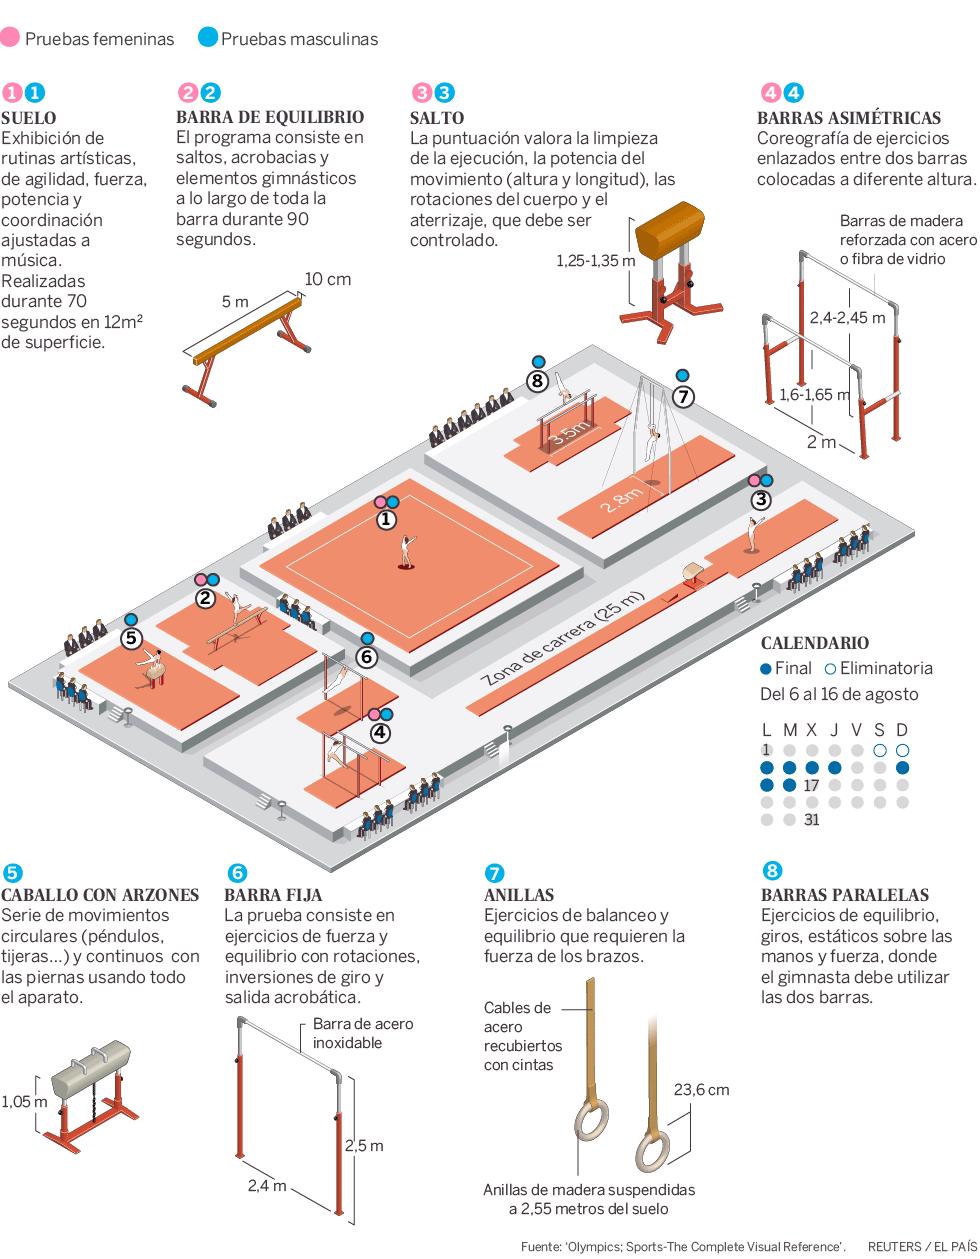 Favoritos Juegos Olímpicos 2016: Pruebas de la gimnasia artística  MQ06